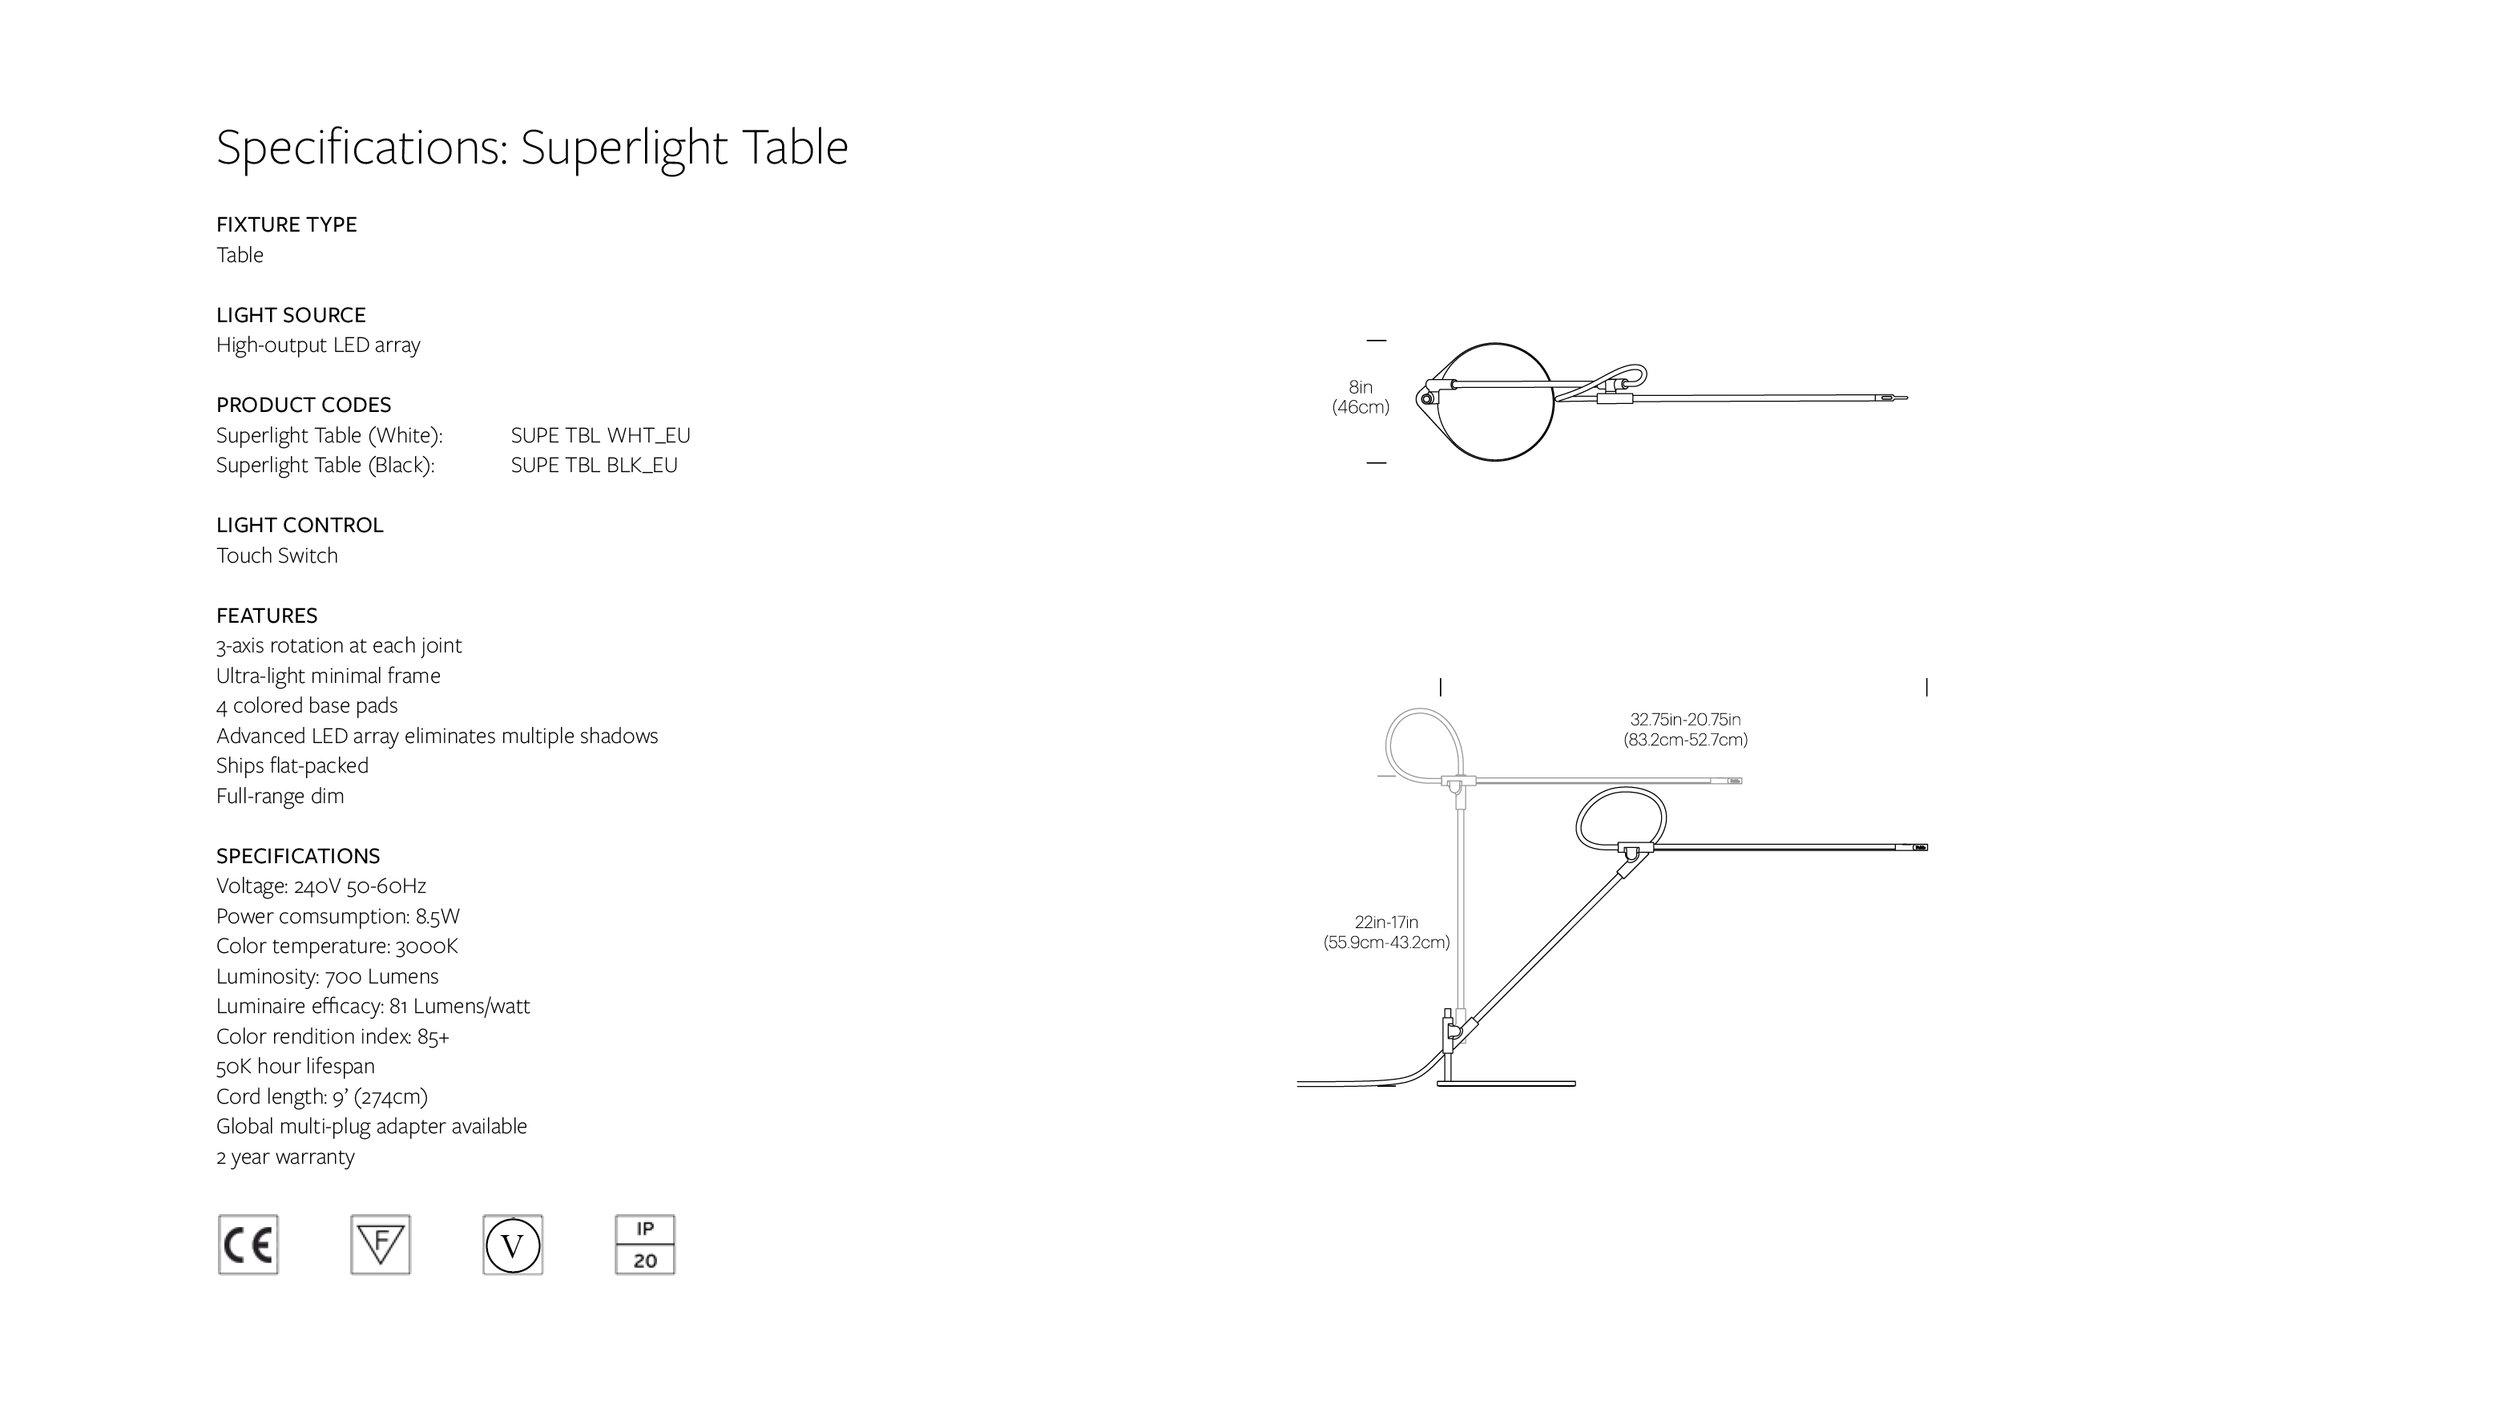 Superlight Table English Spec_240V.jpg